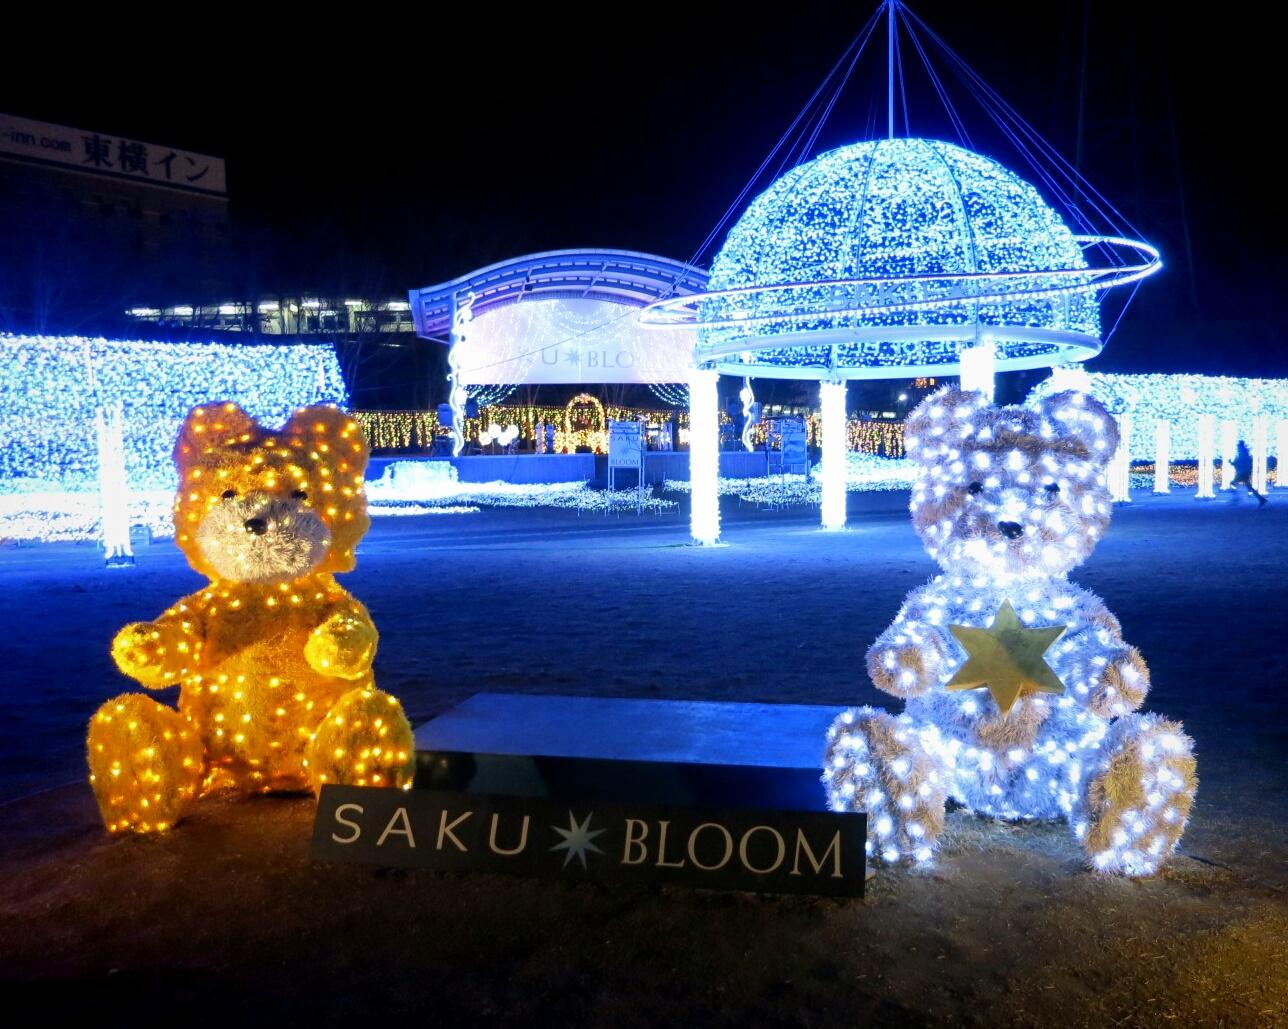 2013☆イルミネーション巡り⑨ SAKU★BLOOM_f0236260_14431640.jpg